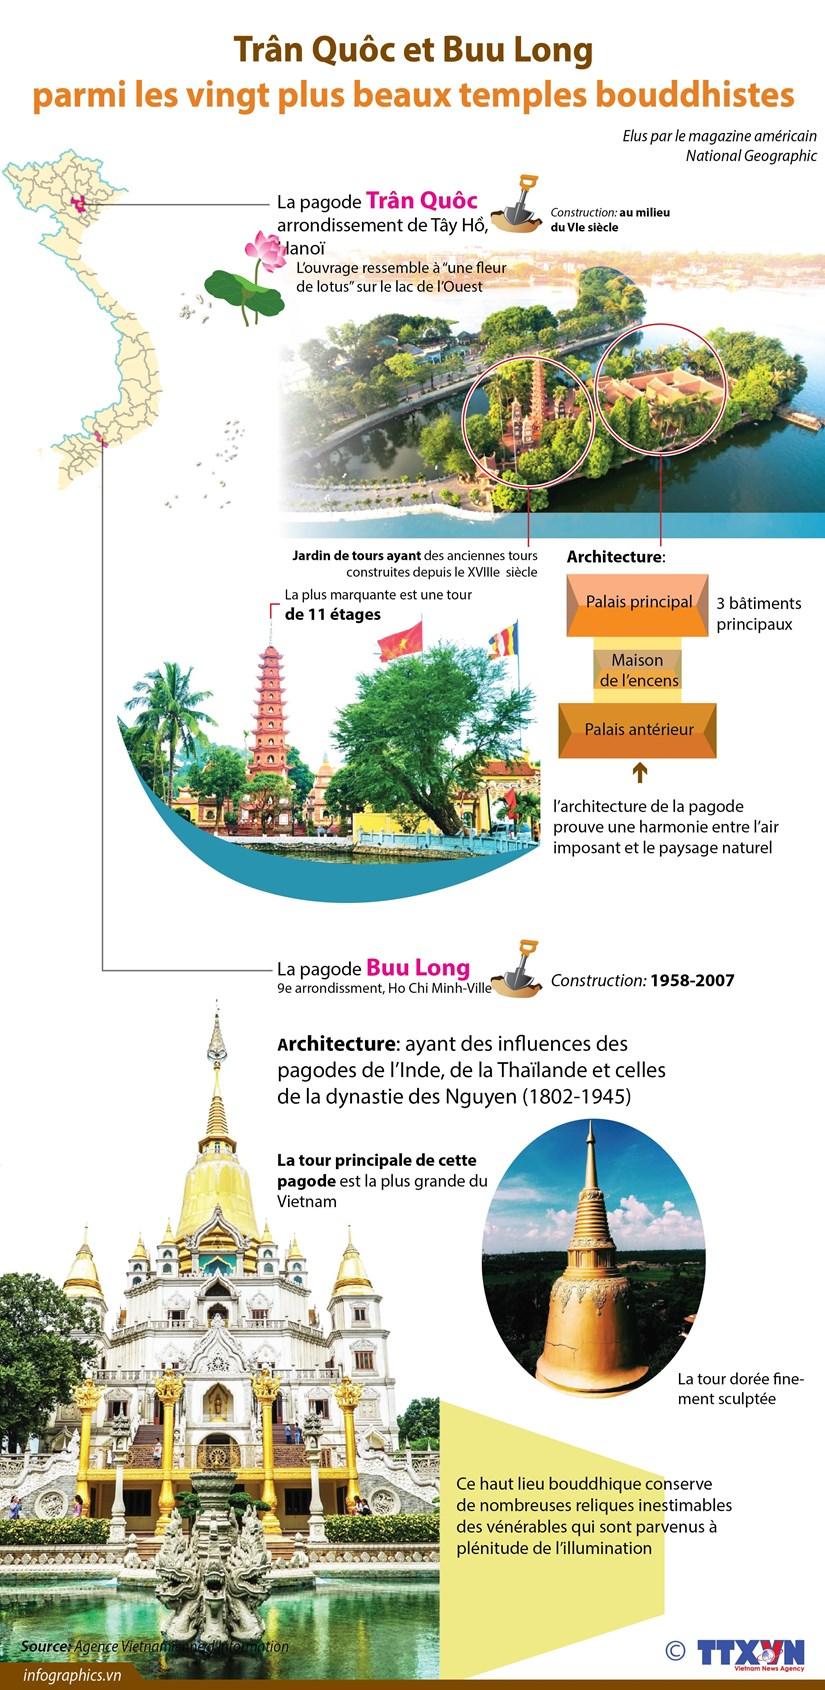 Tran Quoc et Buu Long parmi les vingt plus beaux temples bouddhistes hinh anh 1